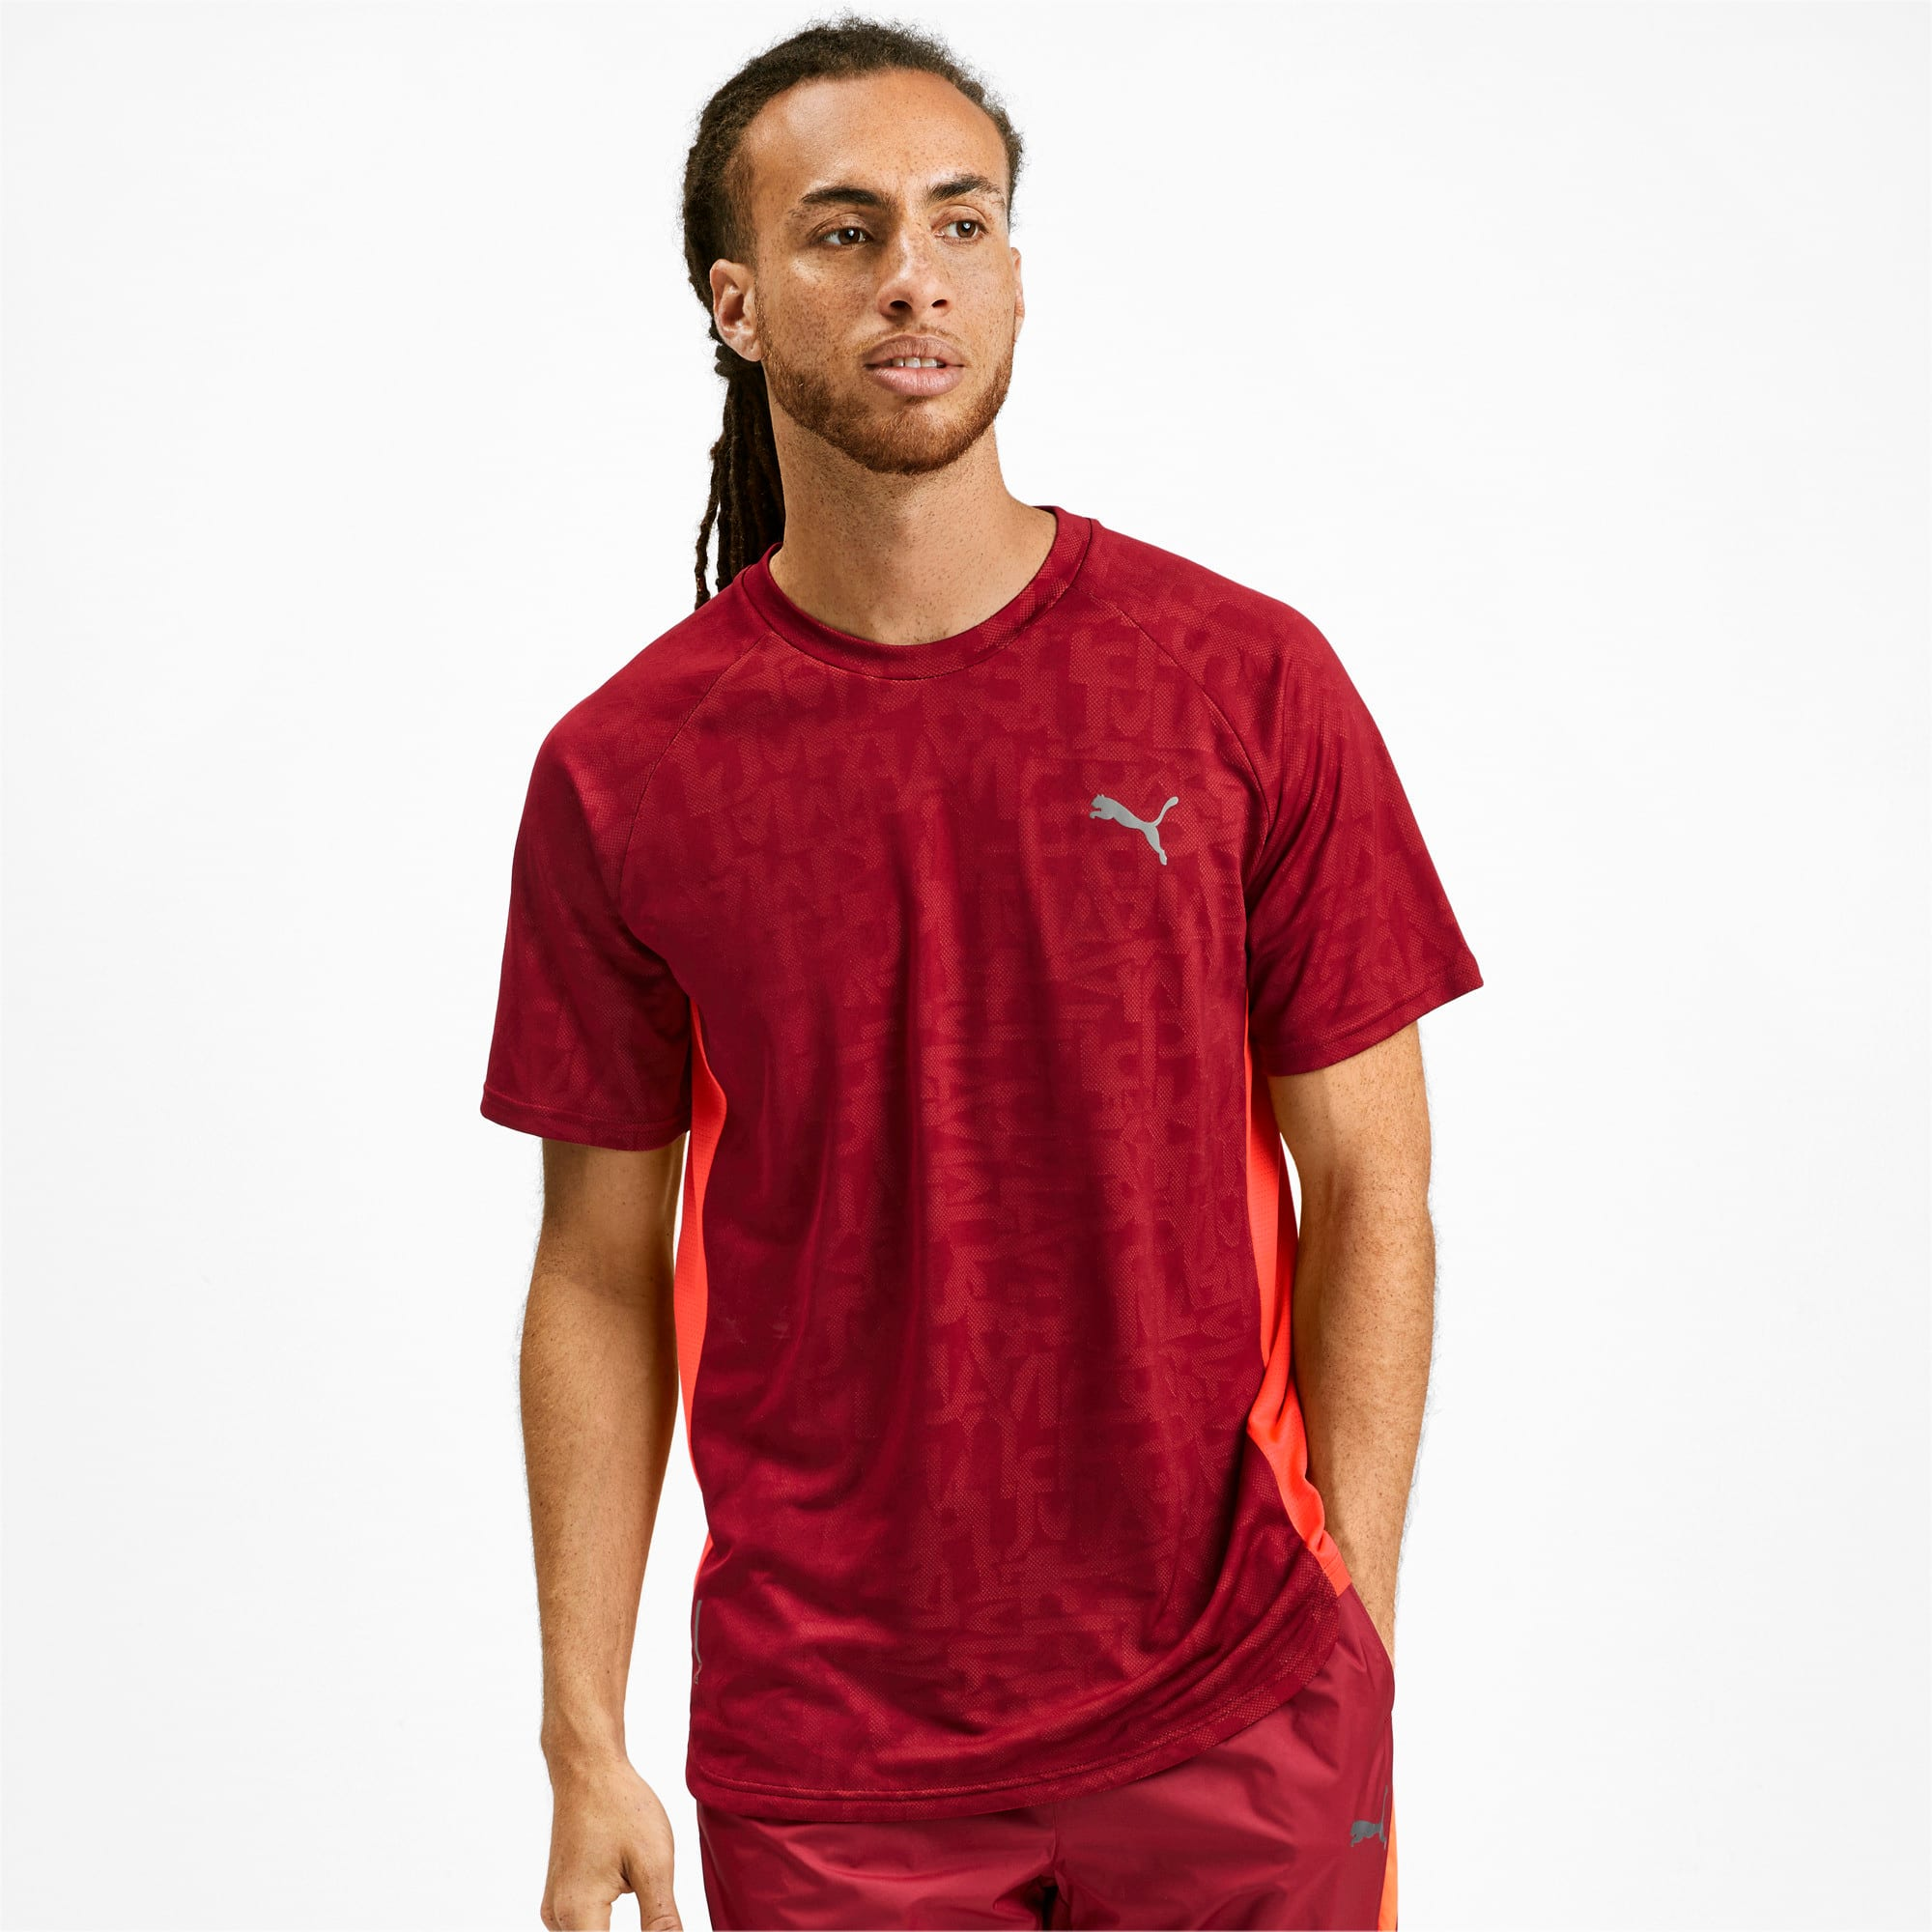 Miniatura 1 de Camiseta Power Vent para hombre, Rhubarb, mediano